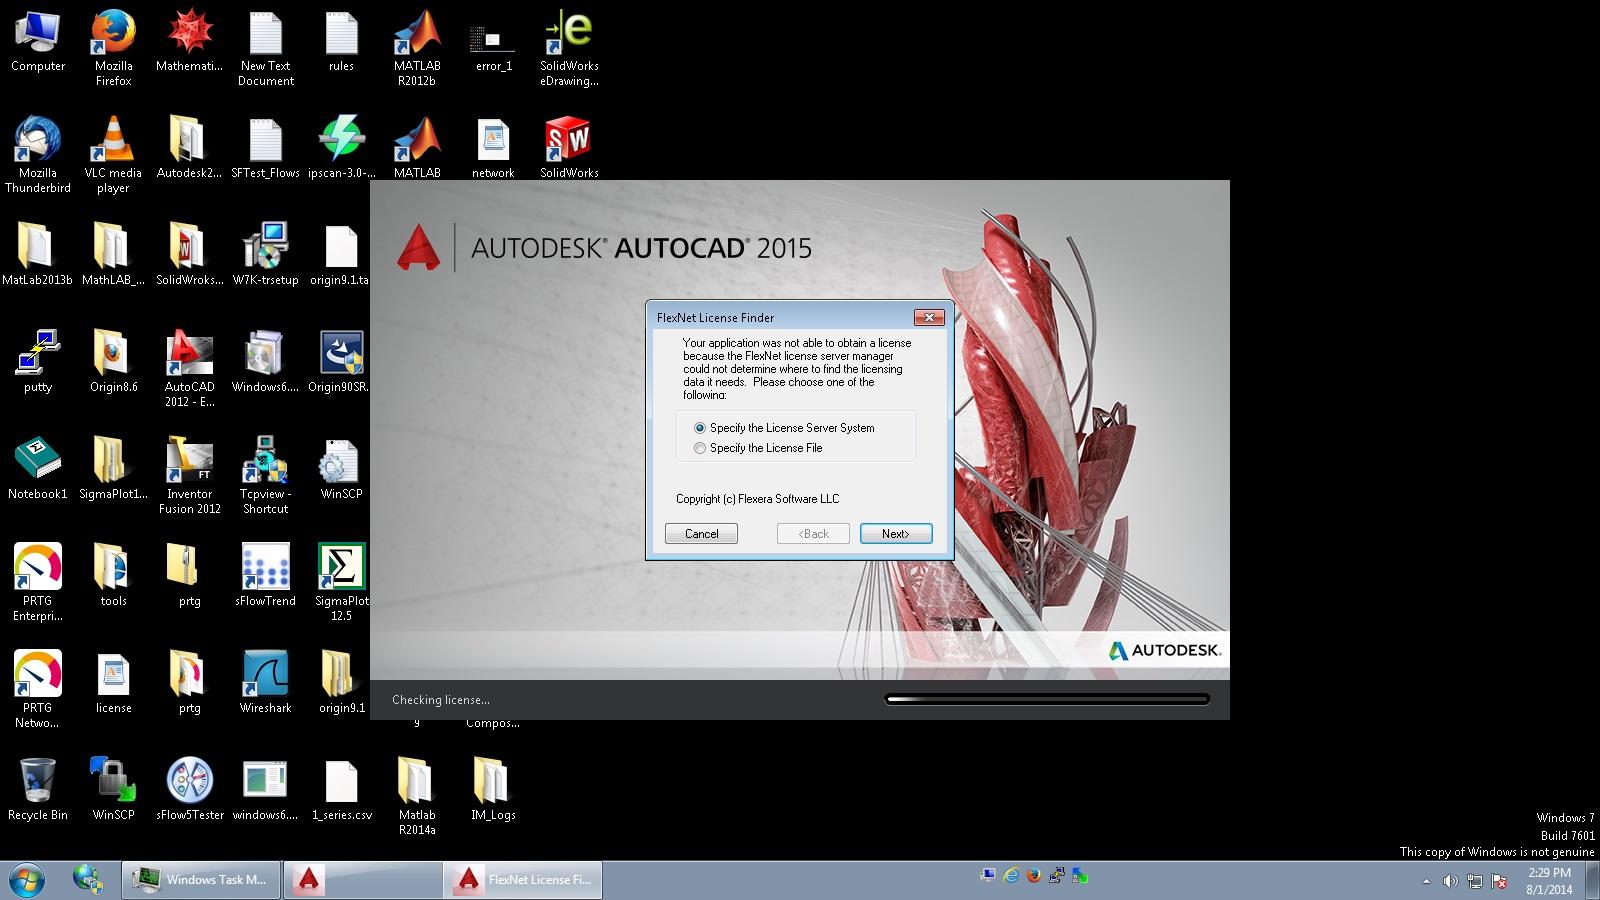 autodesk nlm 11.12